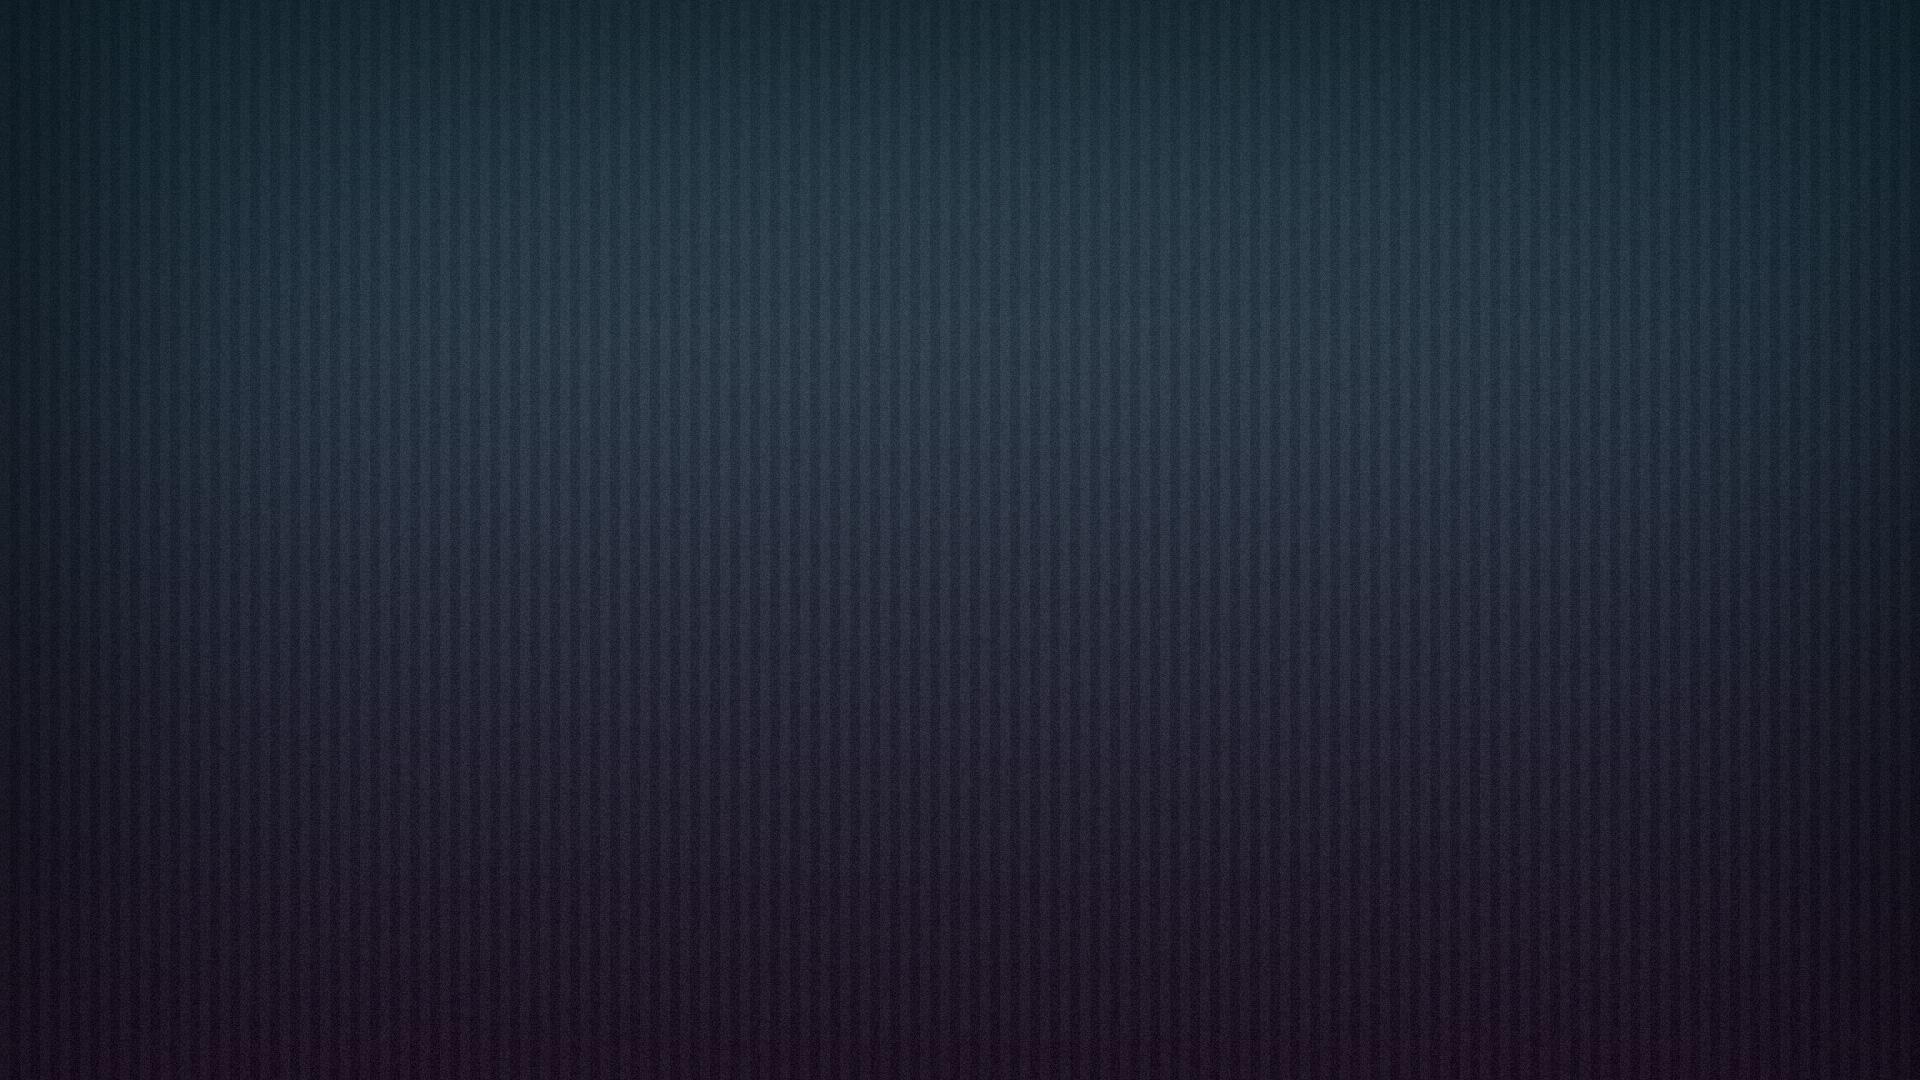 background-images-for-web-design-7